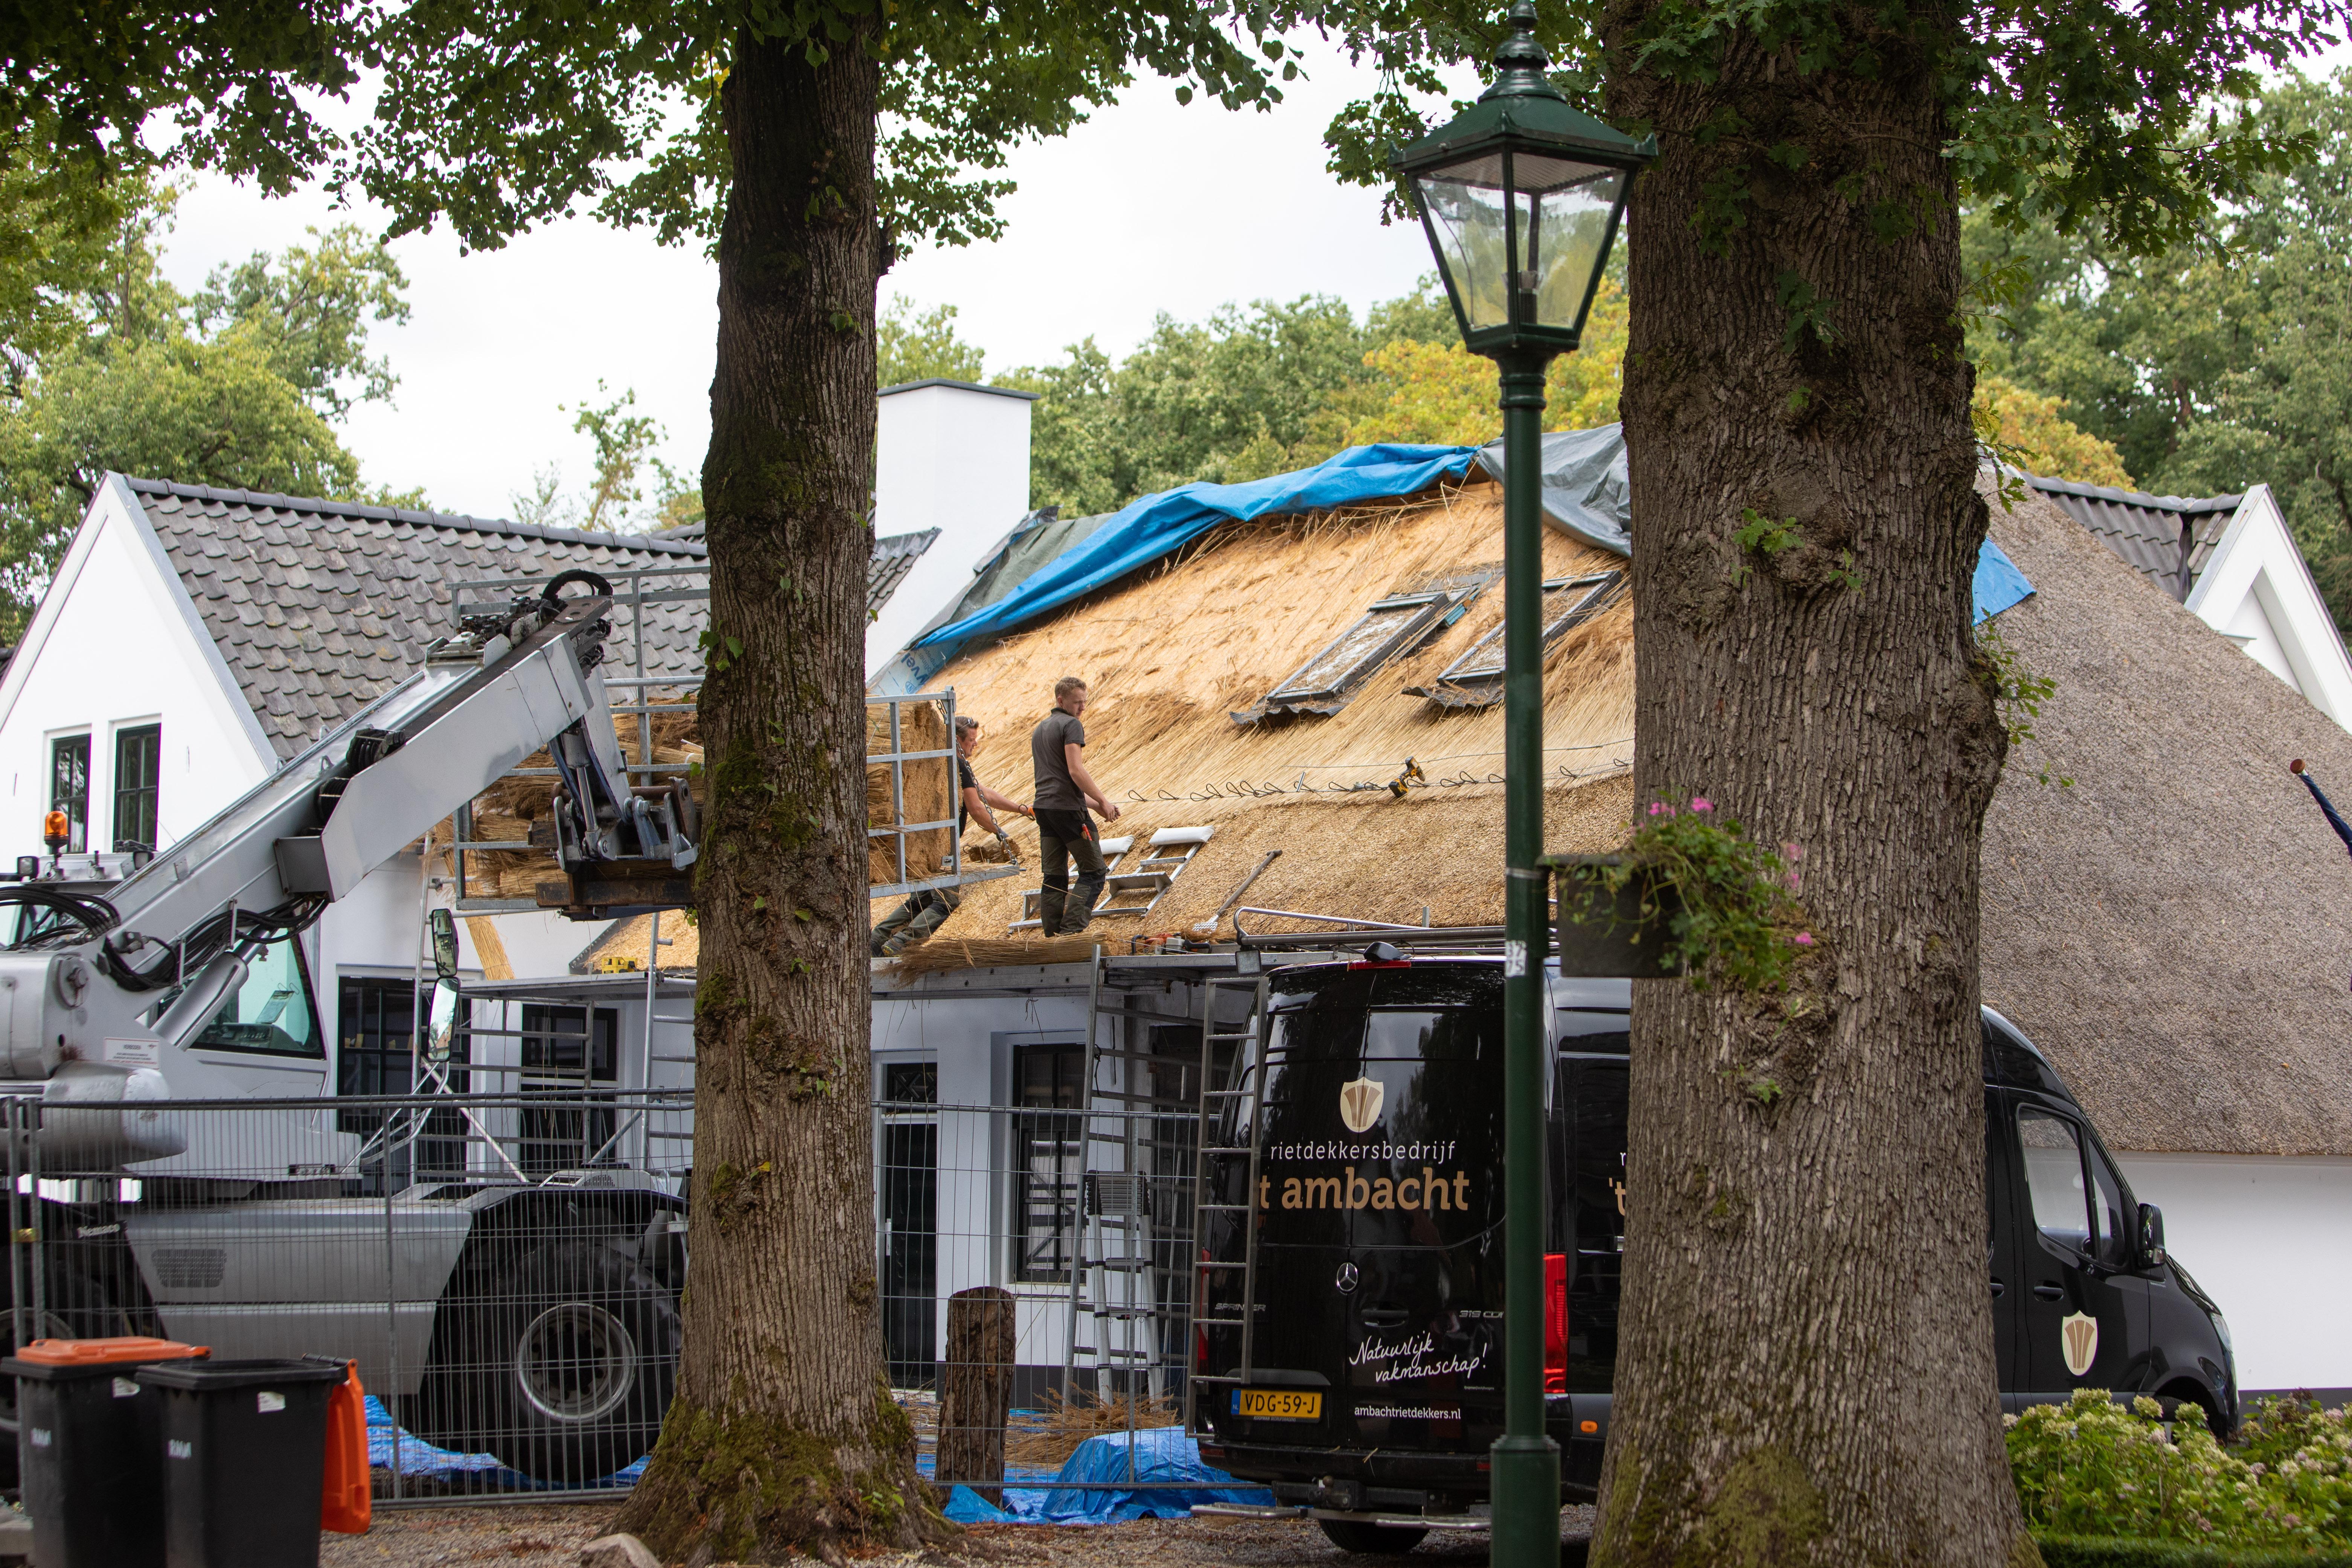 Rieten dak van de Oude Smidse in Lage Vuursche wordt aan voorkant helemaal vernieuwd; 'Anders krijg je kleurverschil, dat is geen gezicht'